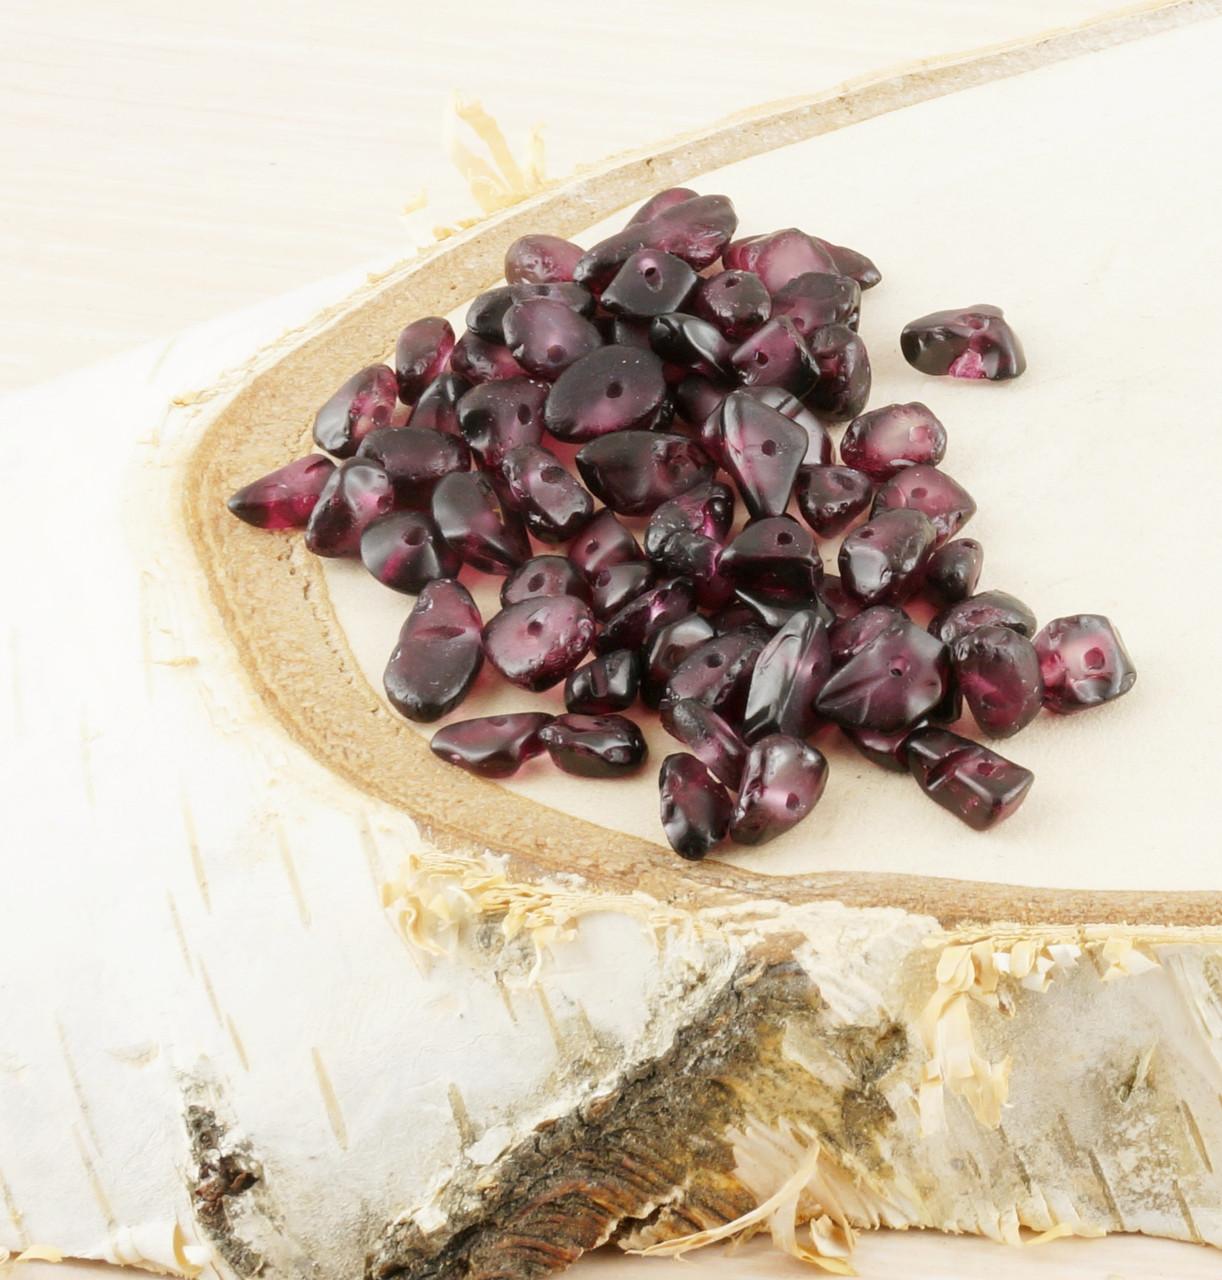 Бусины из натурального камня крошка 26 (10грамм) - магазин-студия Цацки в Чернигове